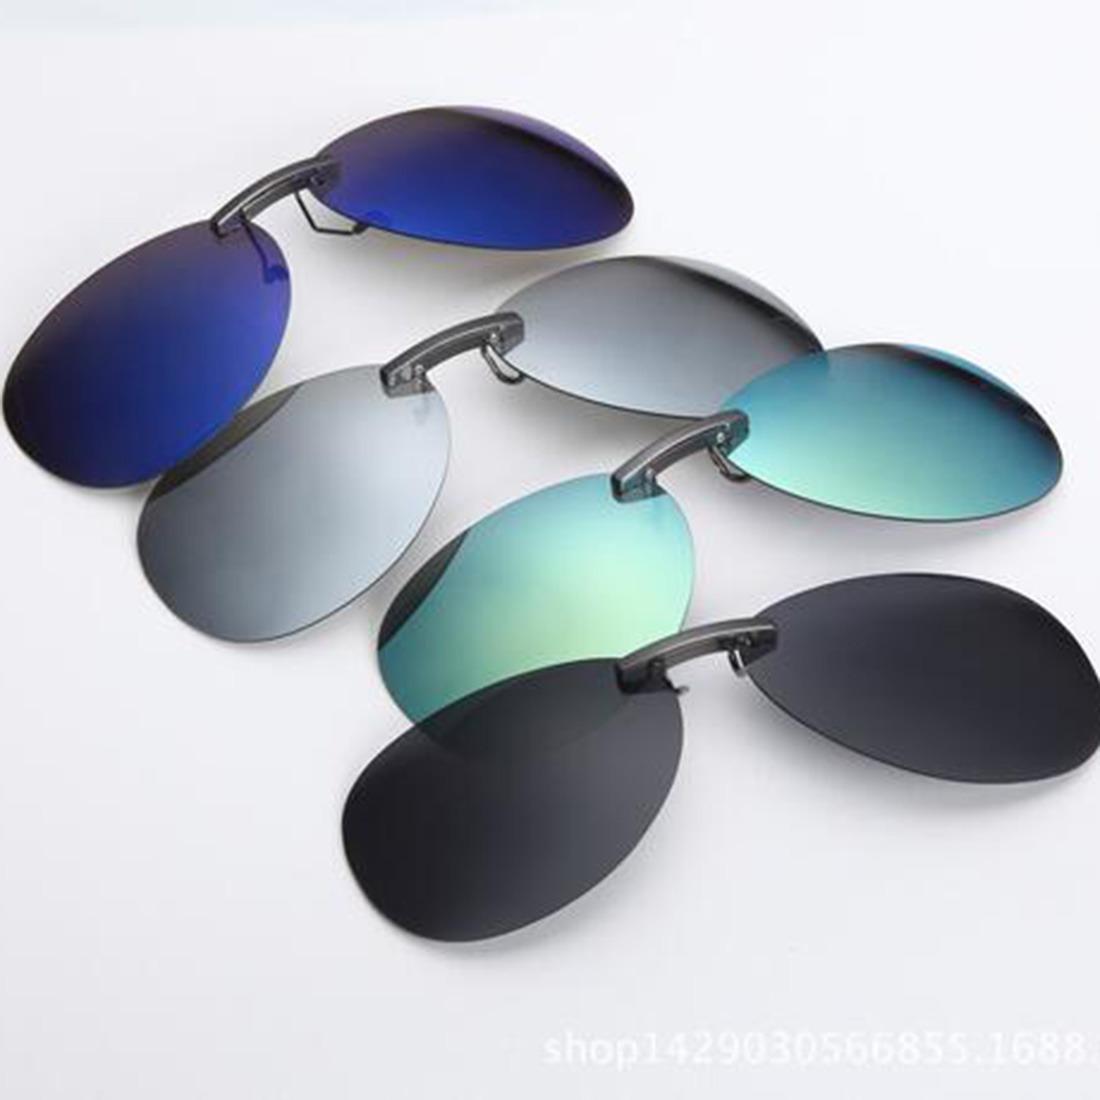 Lentes Clip On Óculos De Grau Aviador Discreto Polarizado - R  69,90 ... d6c7f0de95